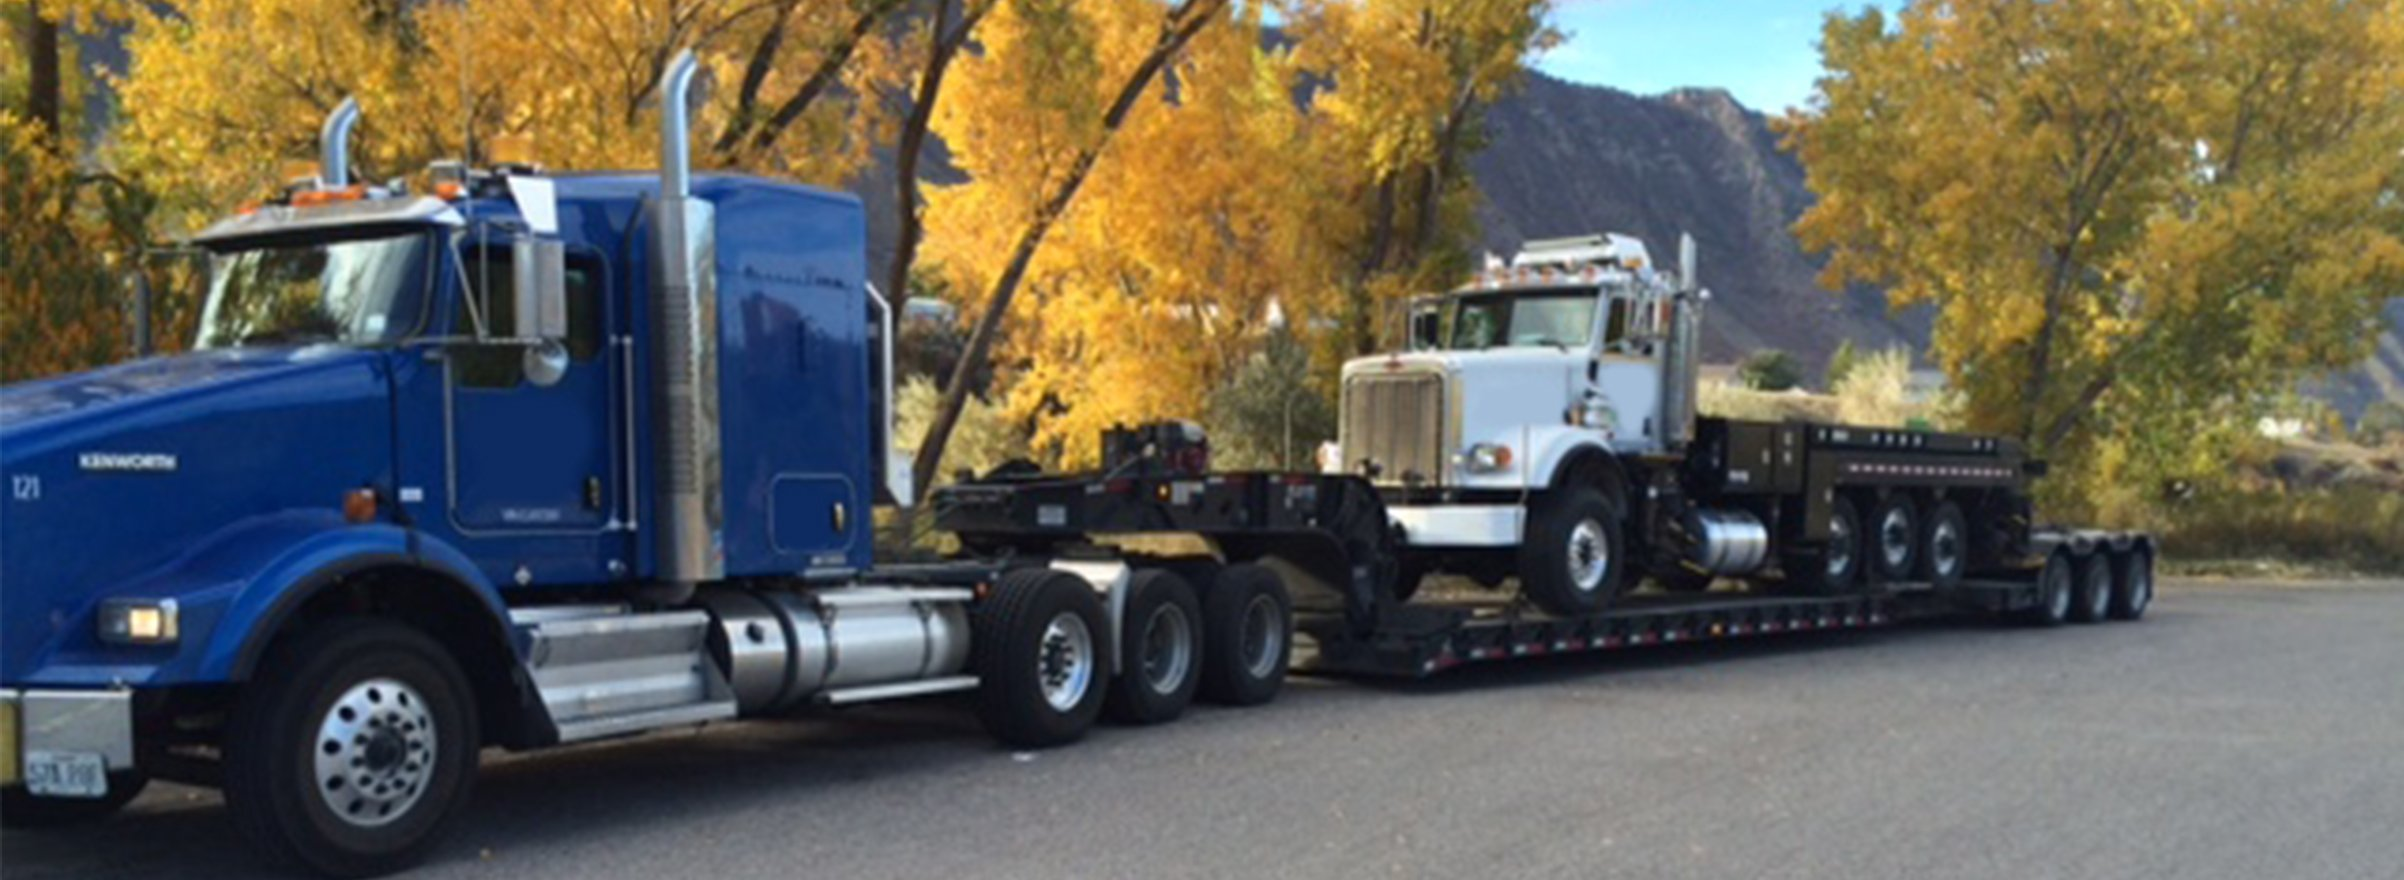 Blue semi hauling a white dump truck